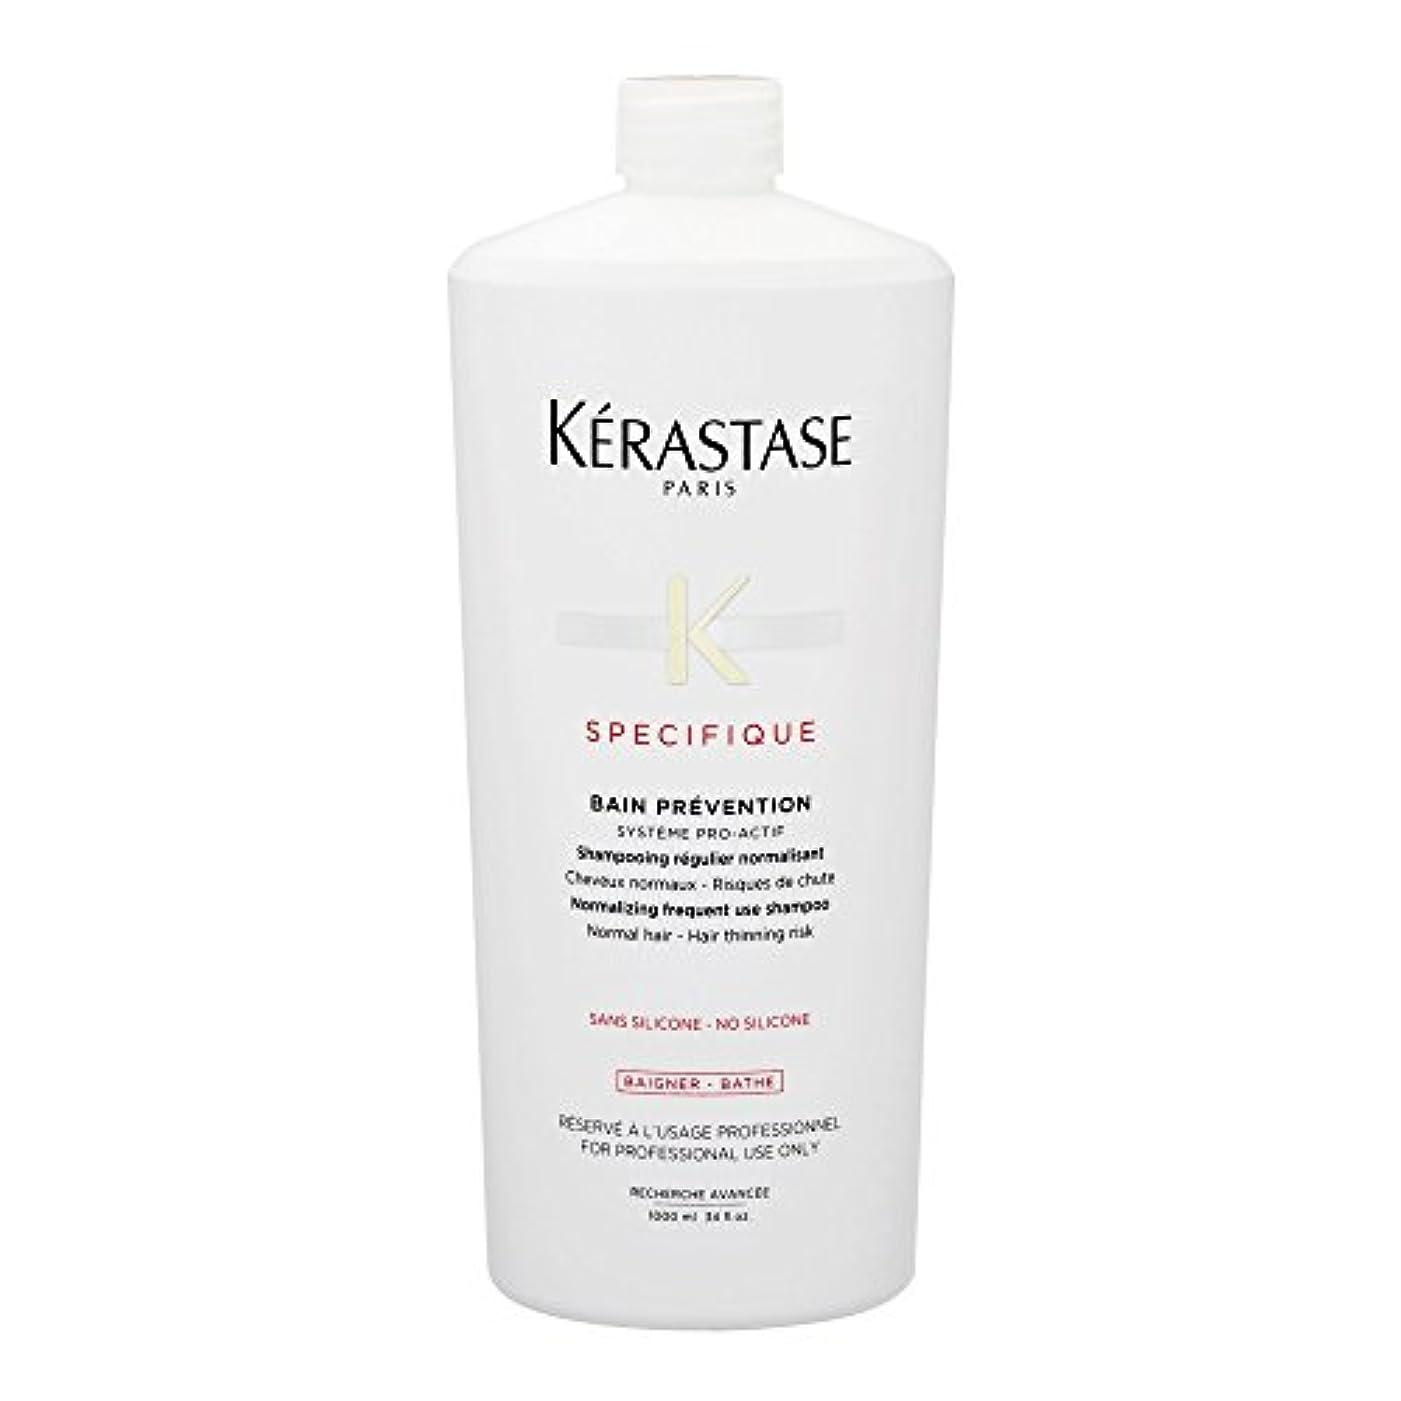 熟す何もないふりをするケラスターゼ(KERASTASE) スペシフィック SP バン プレバシオン EX<ビッグサイズ> 1000ml [並行輸入品]